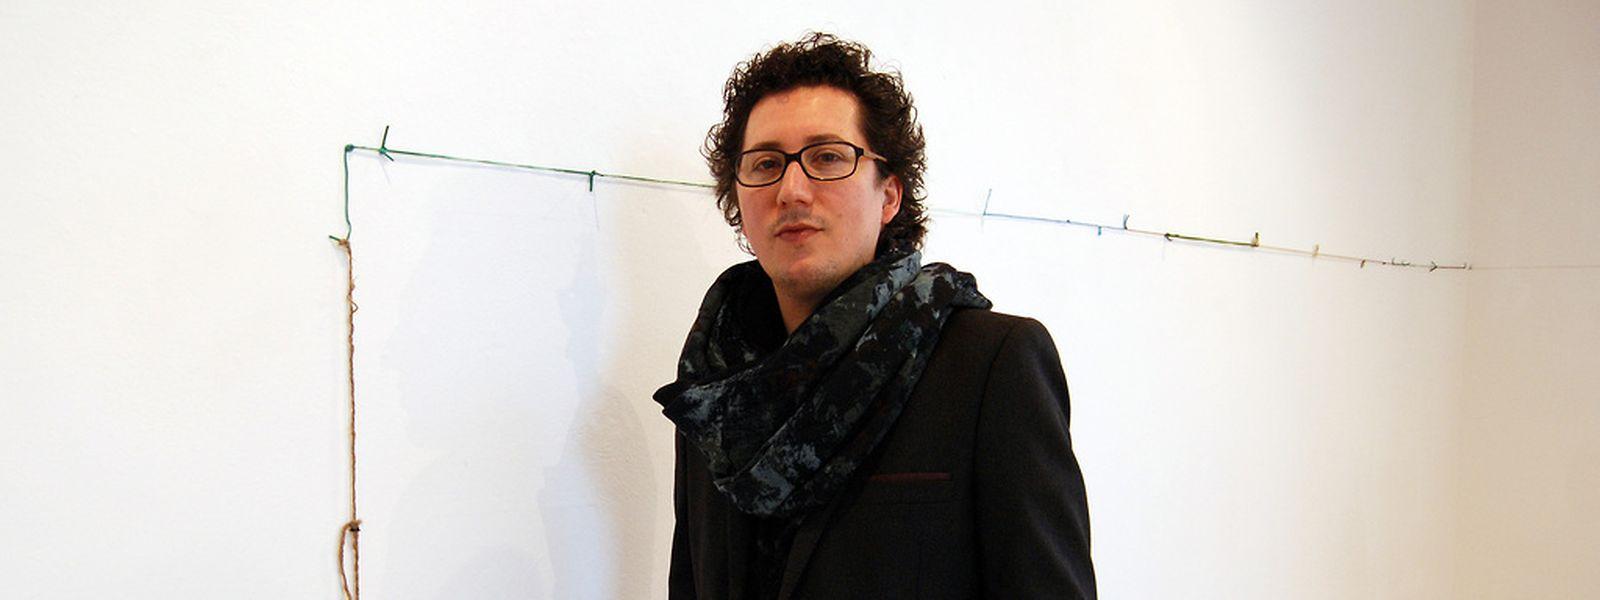 O artista plástico português vai participar em duas exposições